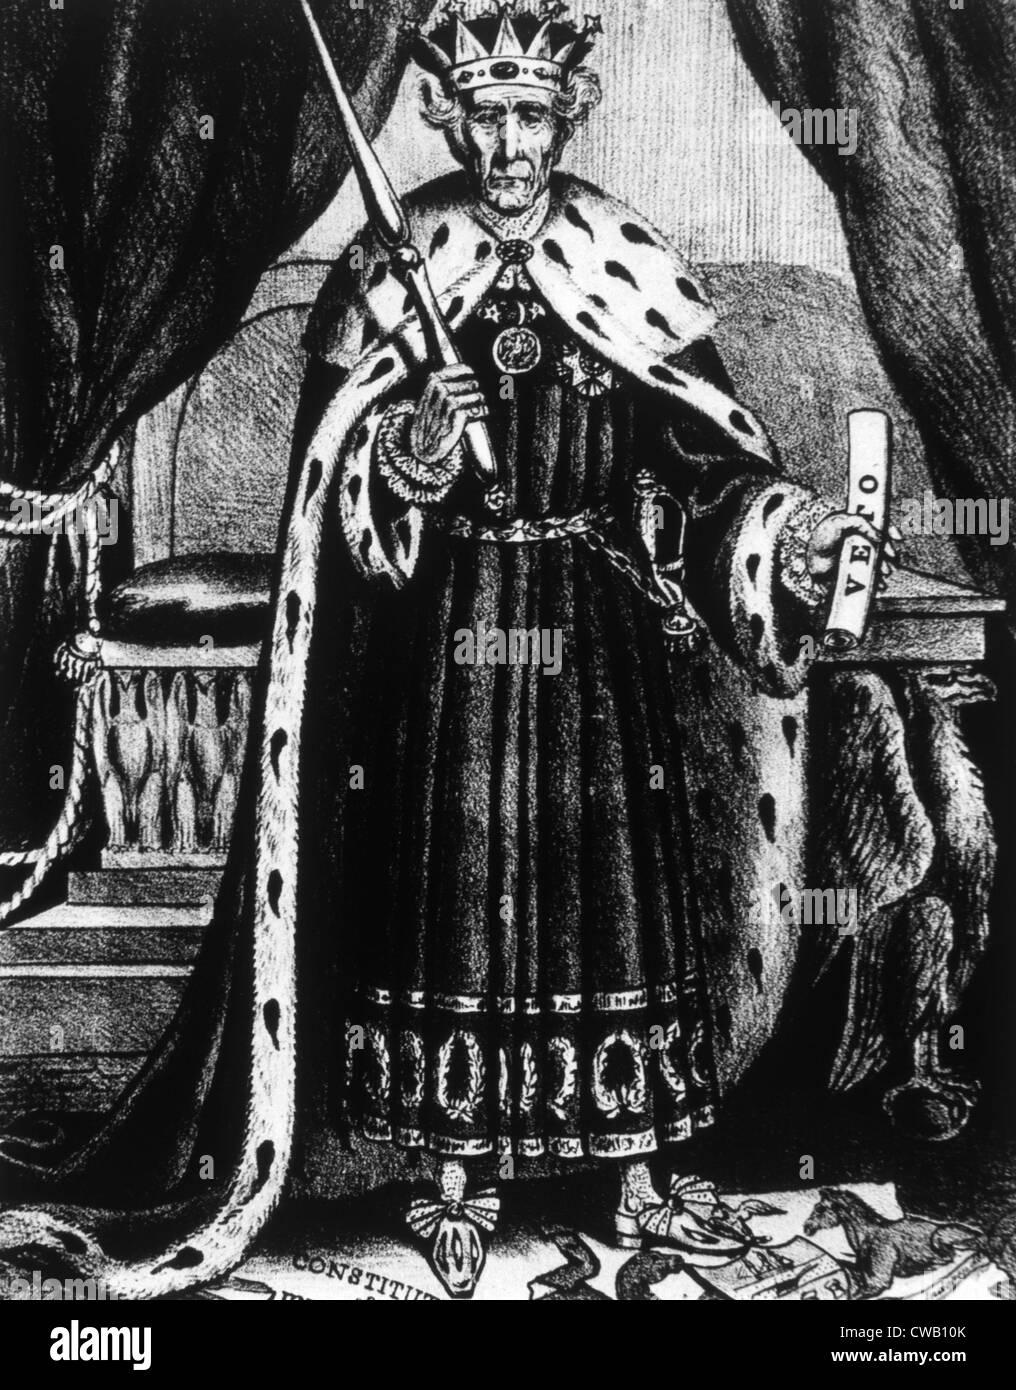 """Caricatura Política del presidente Andrew Jackson representando a él como """"el rey Andrés la Imagen De Stock"""